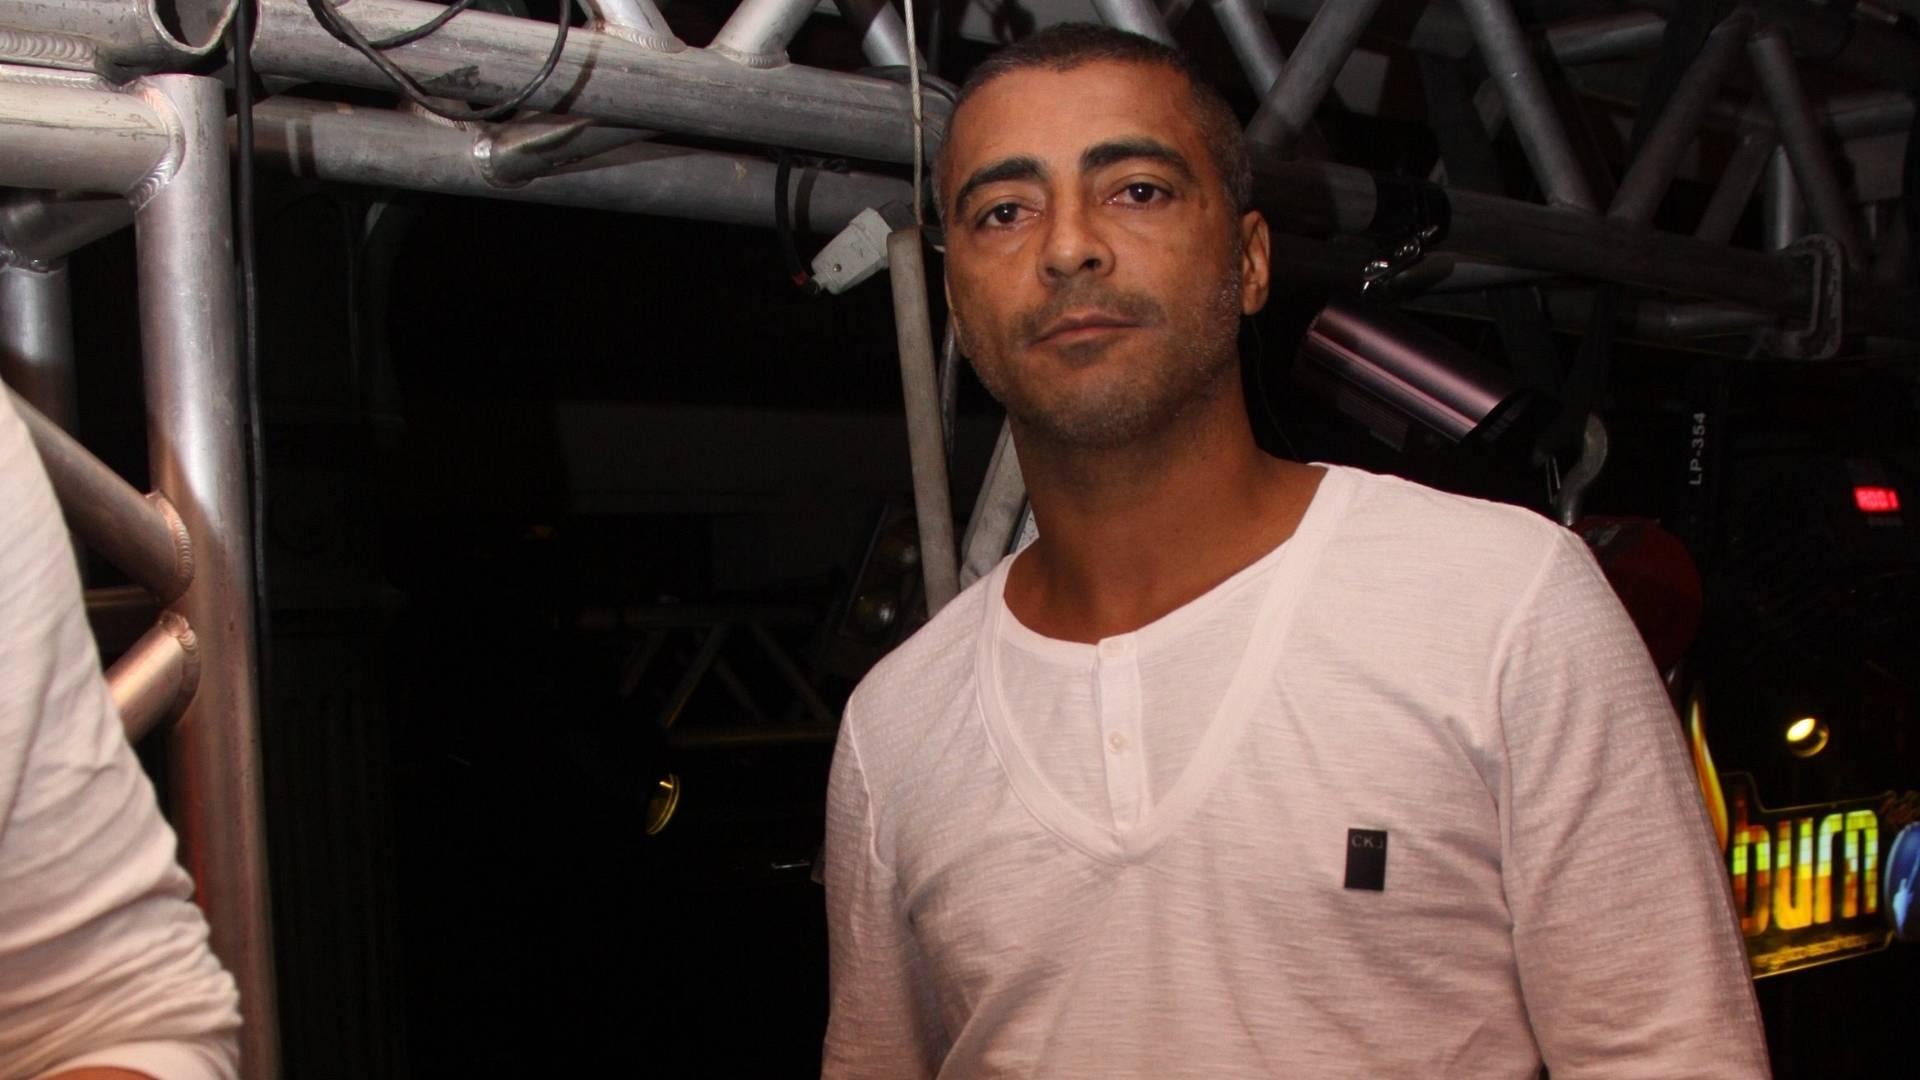 Romário ficou um dia preso em julho de 2009 por falta de pagamento de pensão. Um apartamento seu foi leiloado para pagamento de dívidas com o condomínio e um vizinho. Antes, também teve sua conta bloqueada e problemas com o imposto de renda